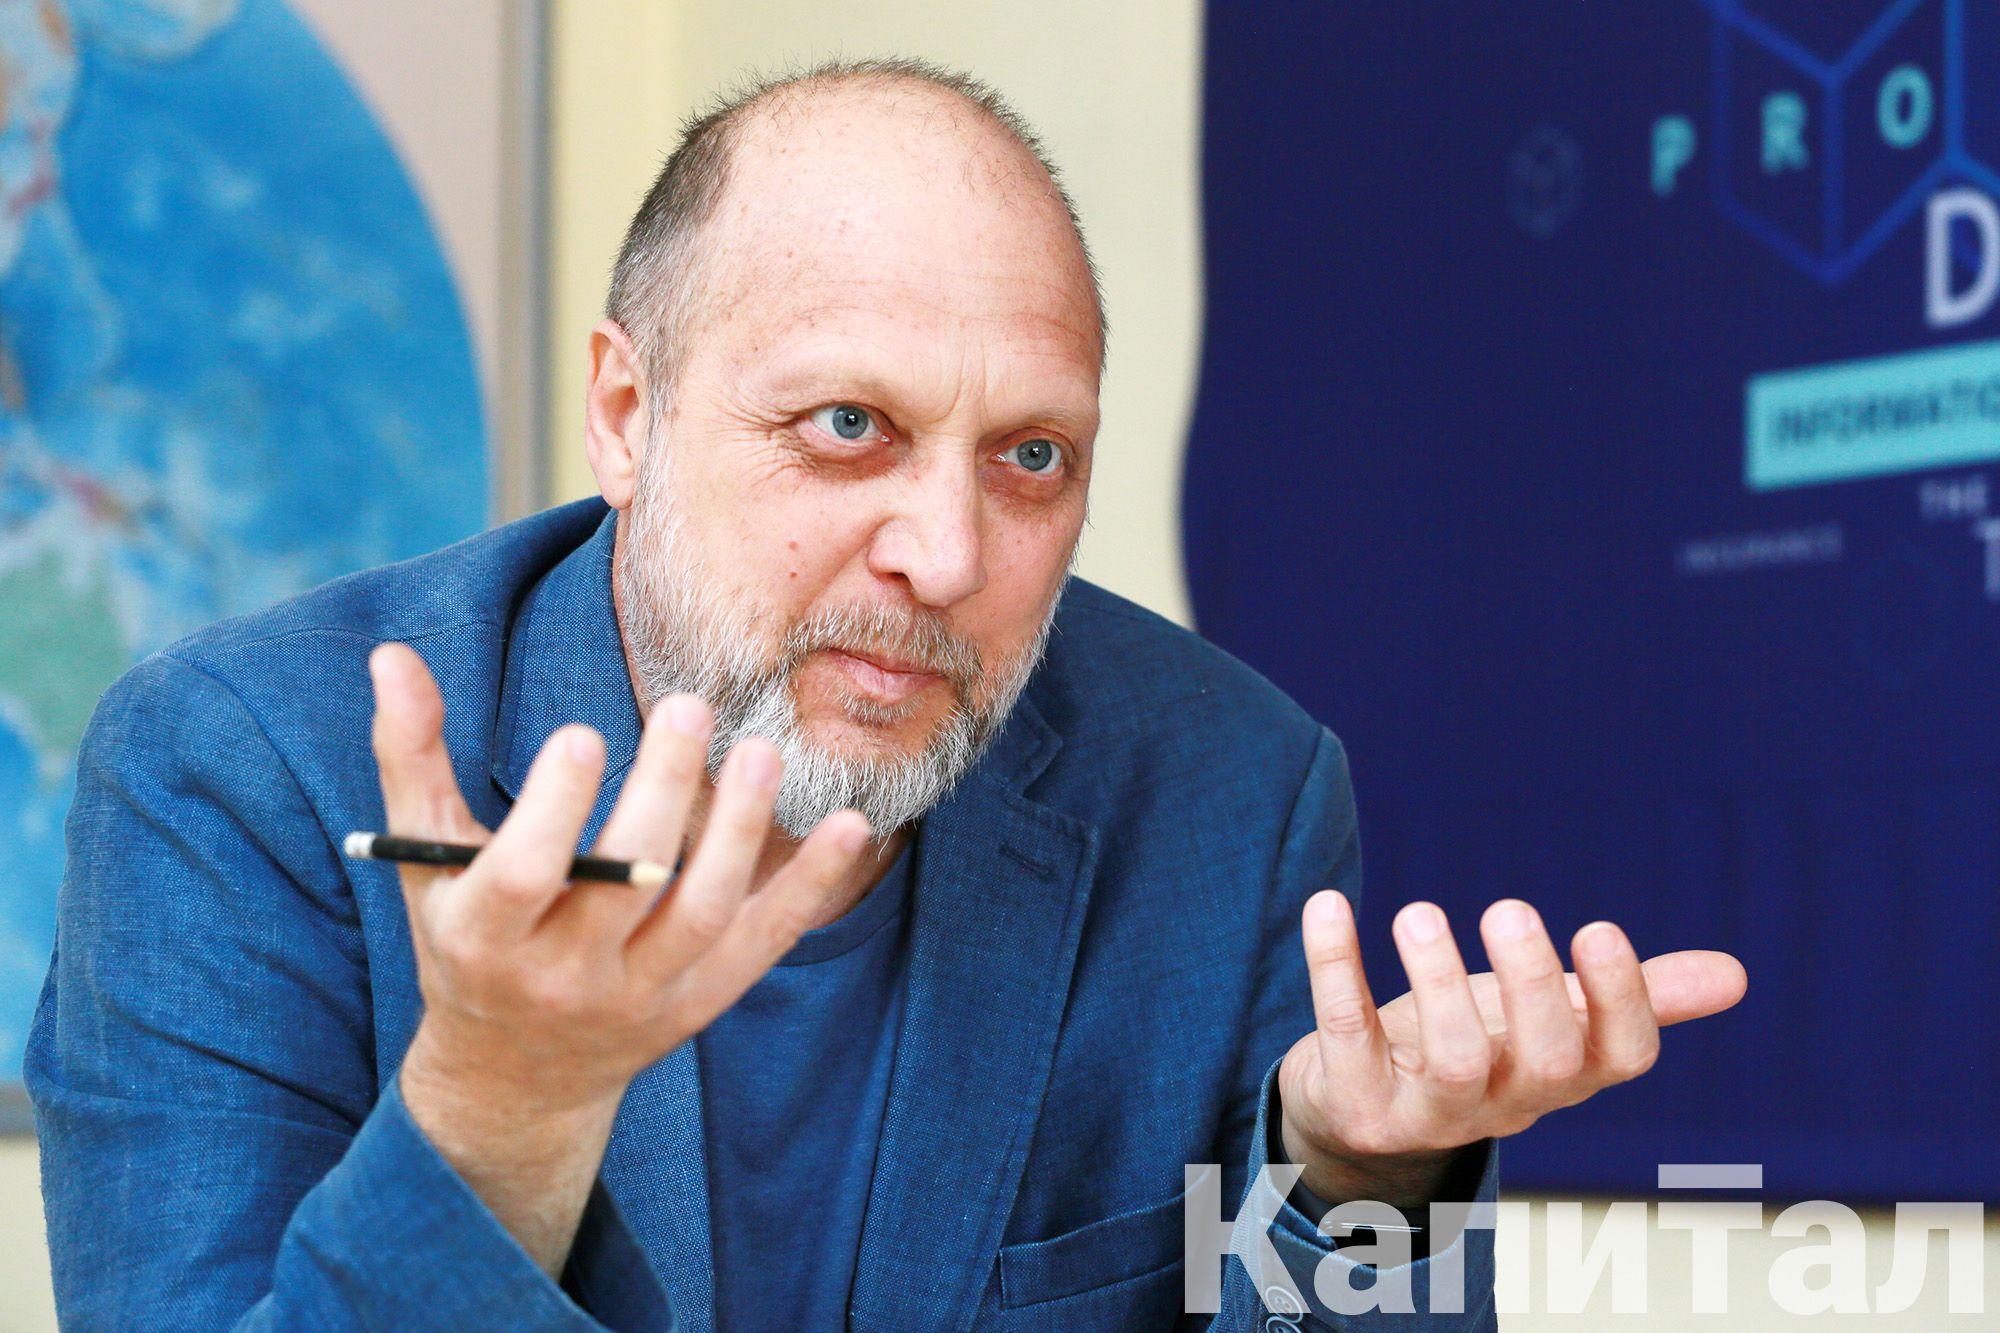 Александр Колохматов, основатель проекта - Kapital.kz